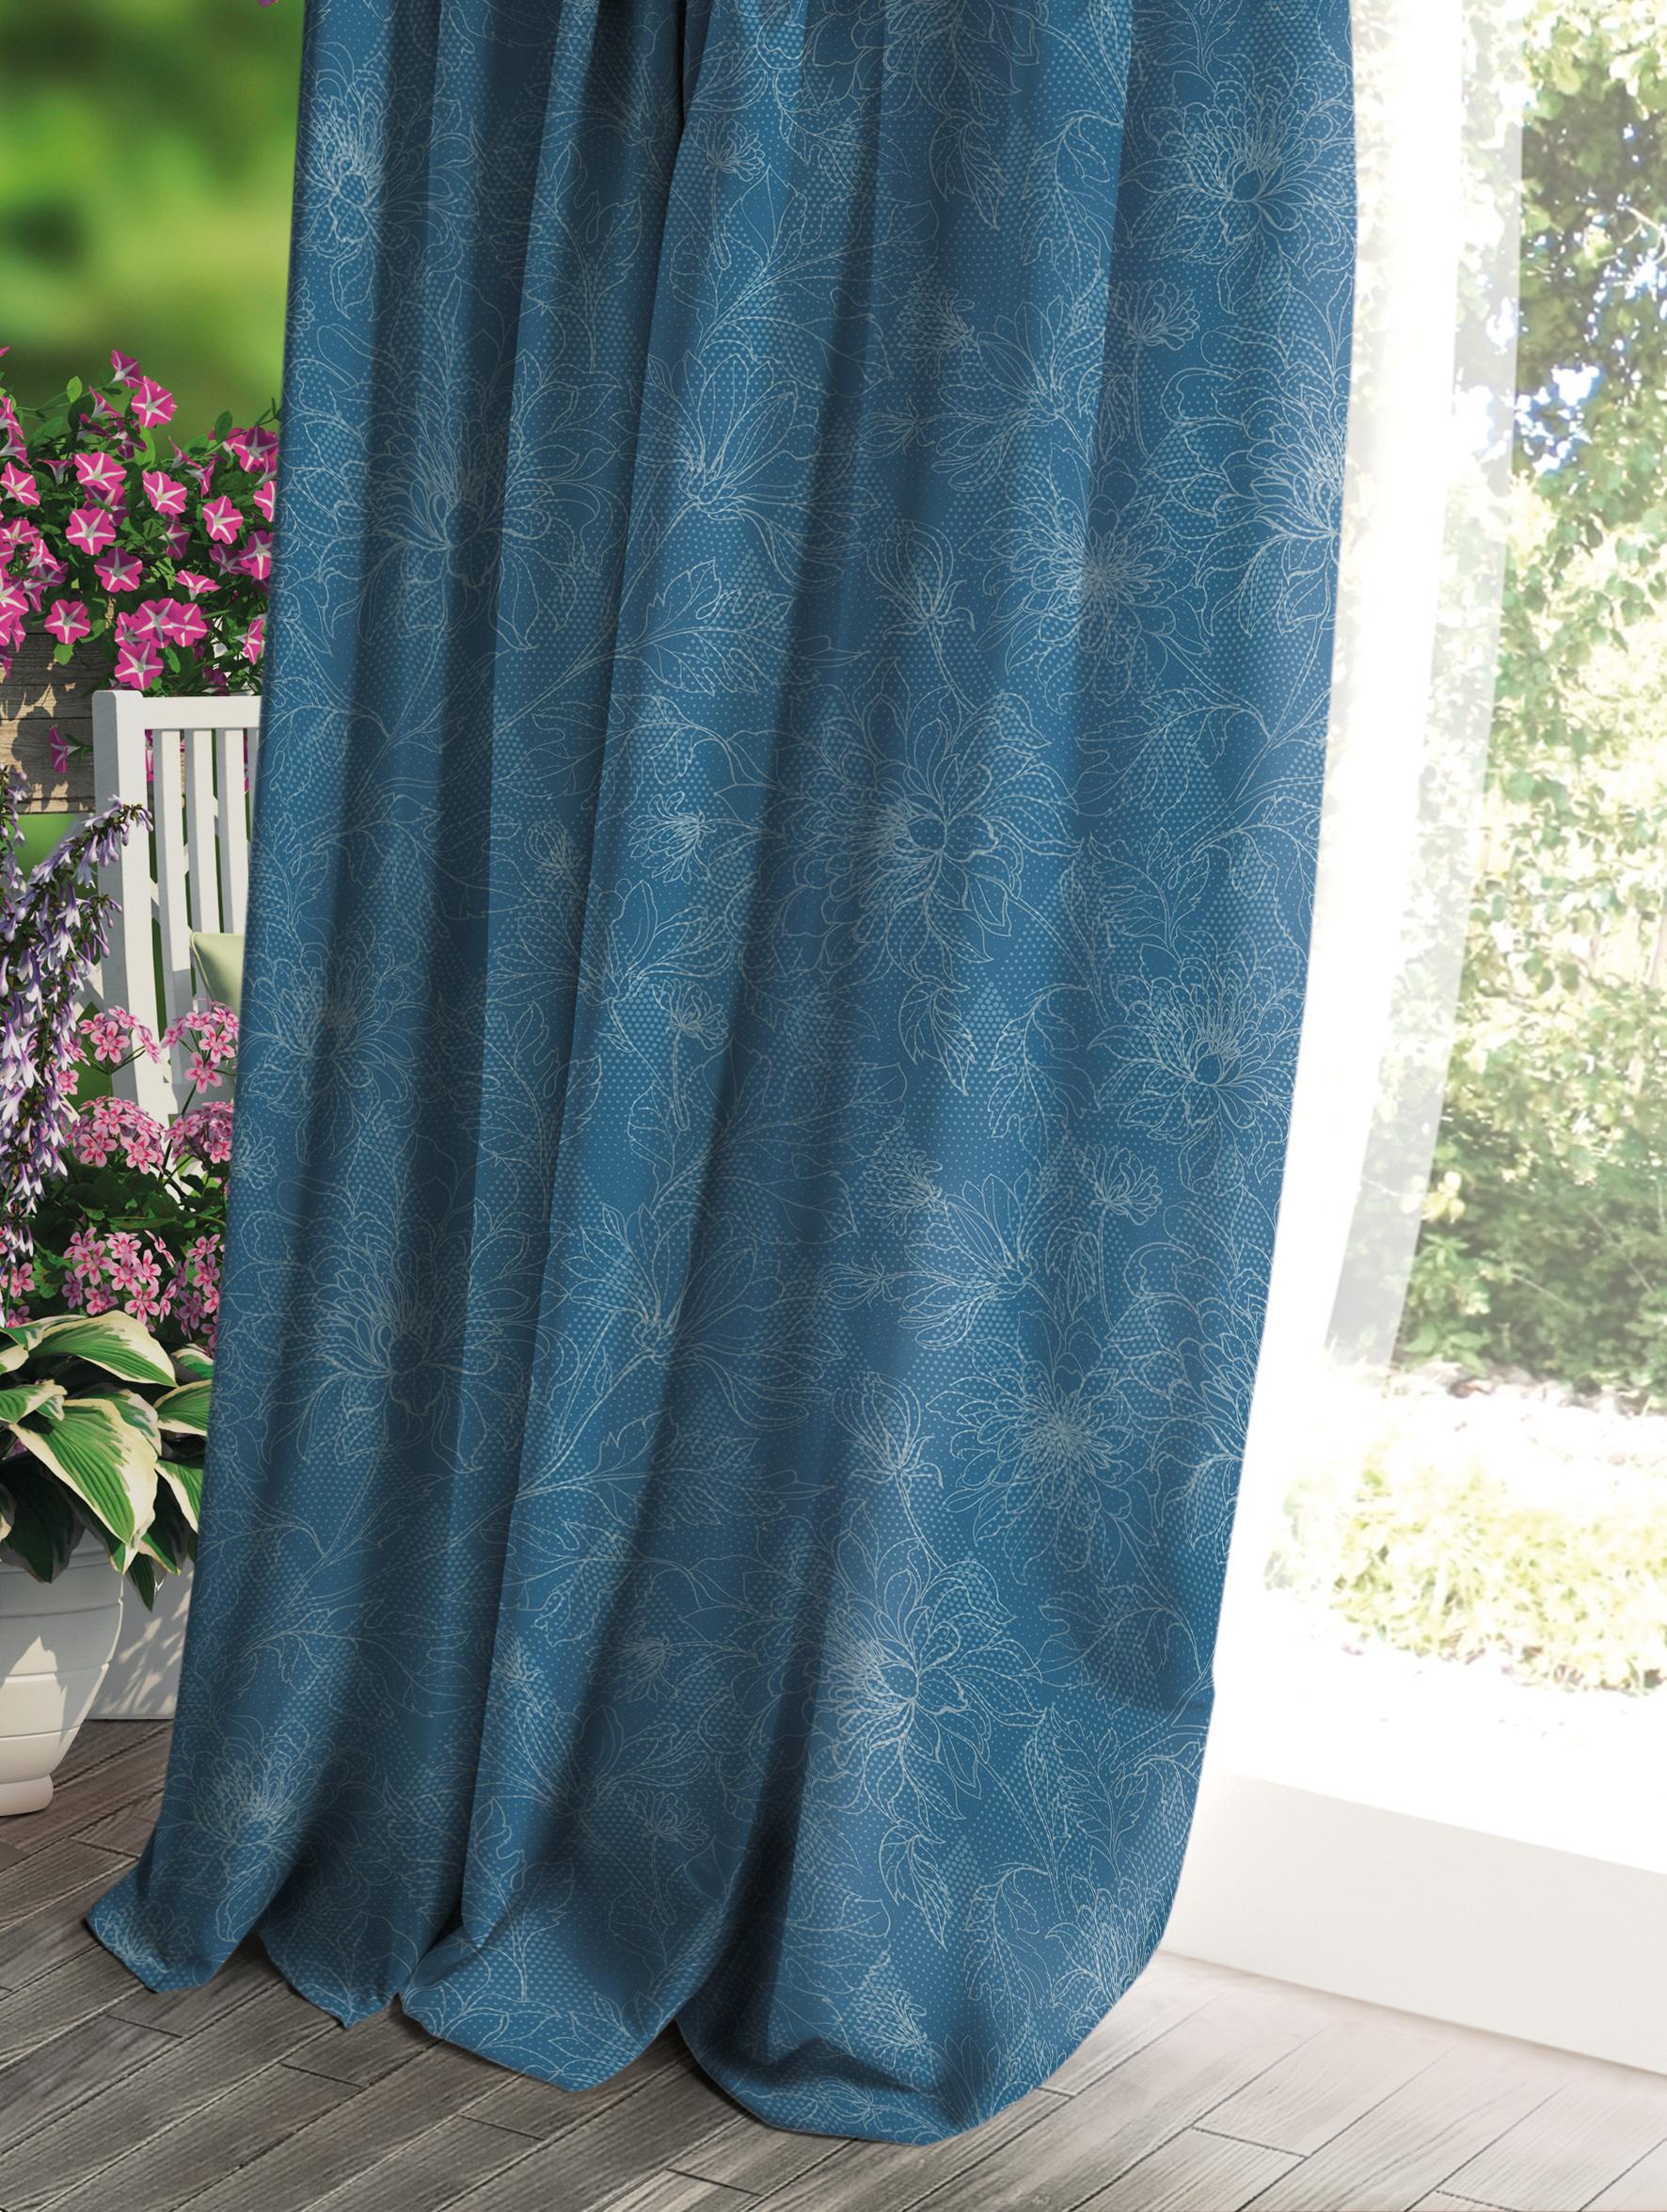 Штора Волшебная ночь Прованс, цвет: синий, 150 x 270 см штора волшебная ночь прованс цвет светло серый 150 x 270 см